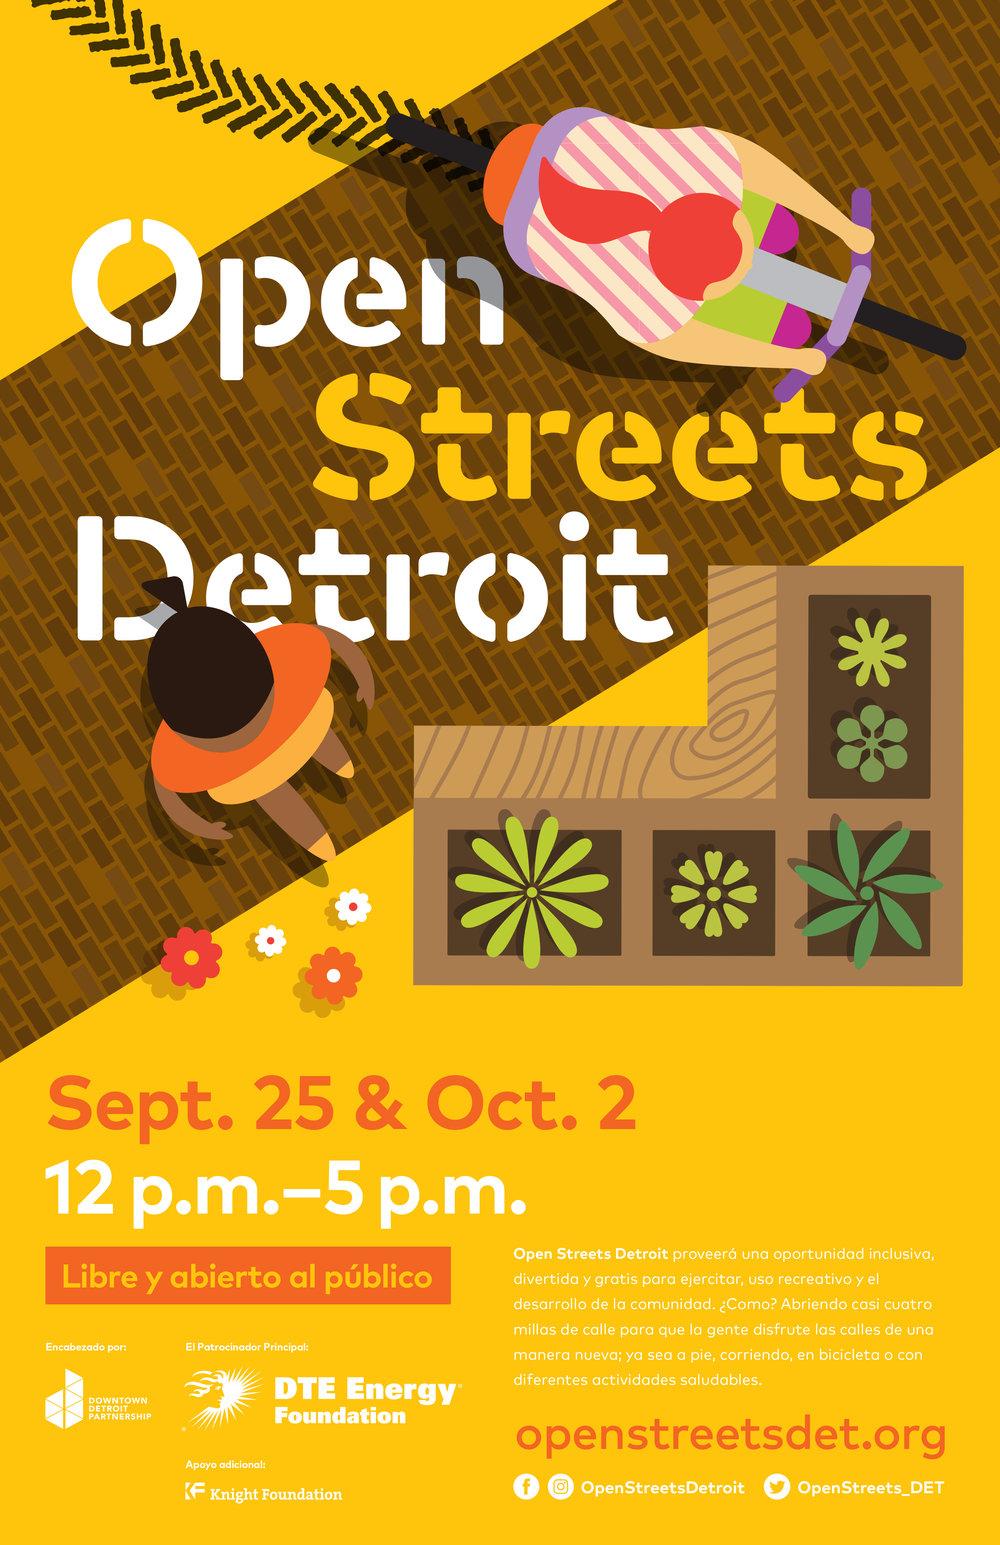 OpenStreetsDetroit_Poster3.jpg